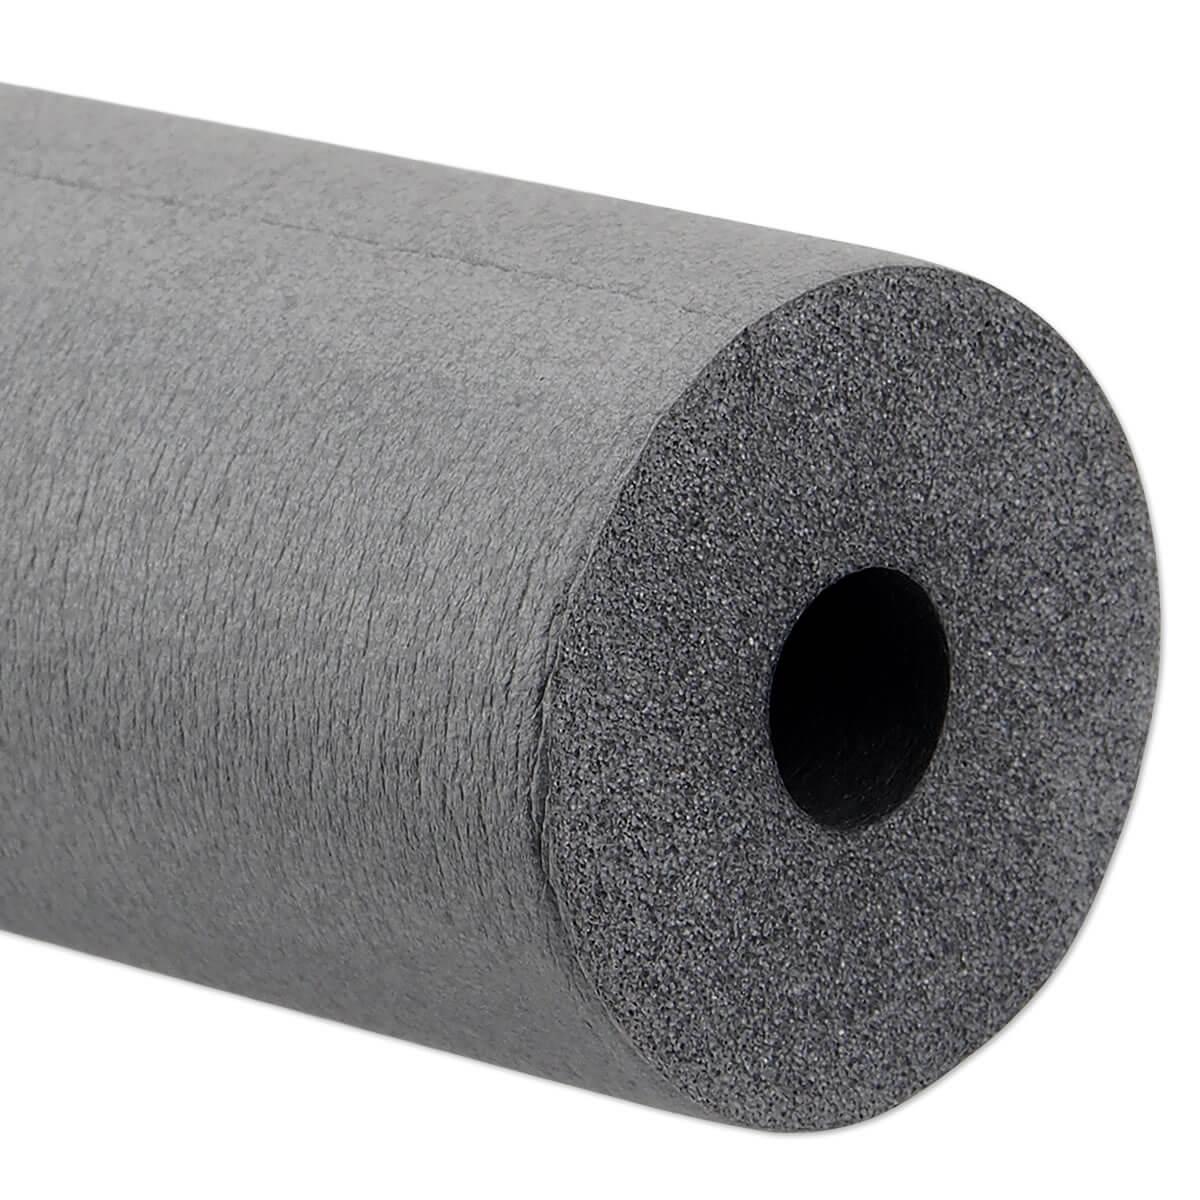 Sehr 2 m Rohrisolierung für Rohr Ø 16 - 18mm - 100% EnEV JY13